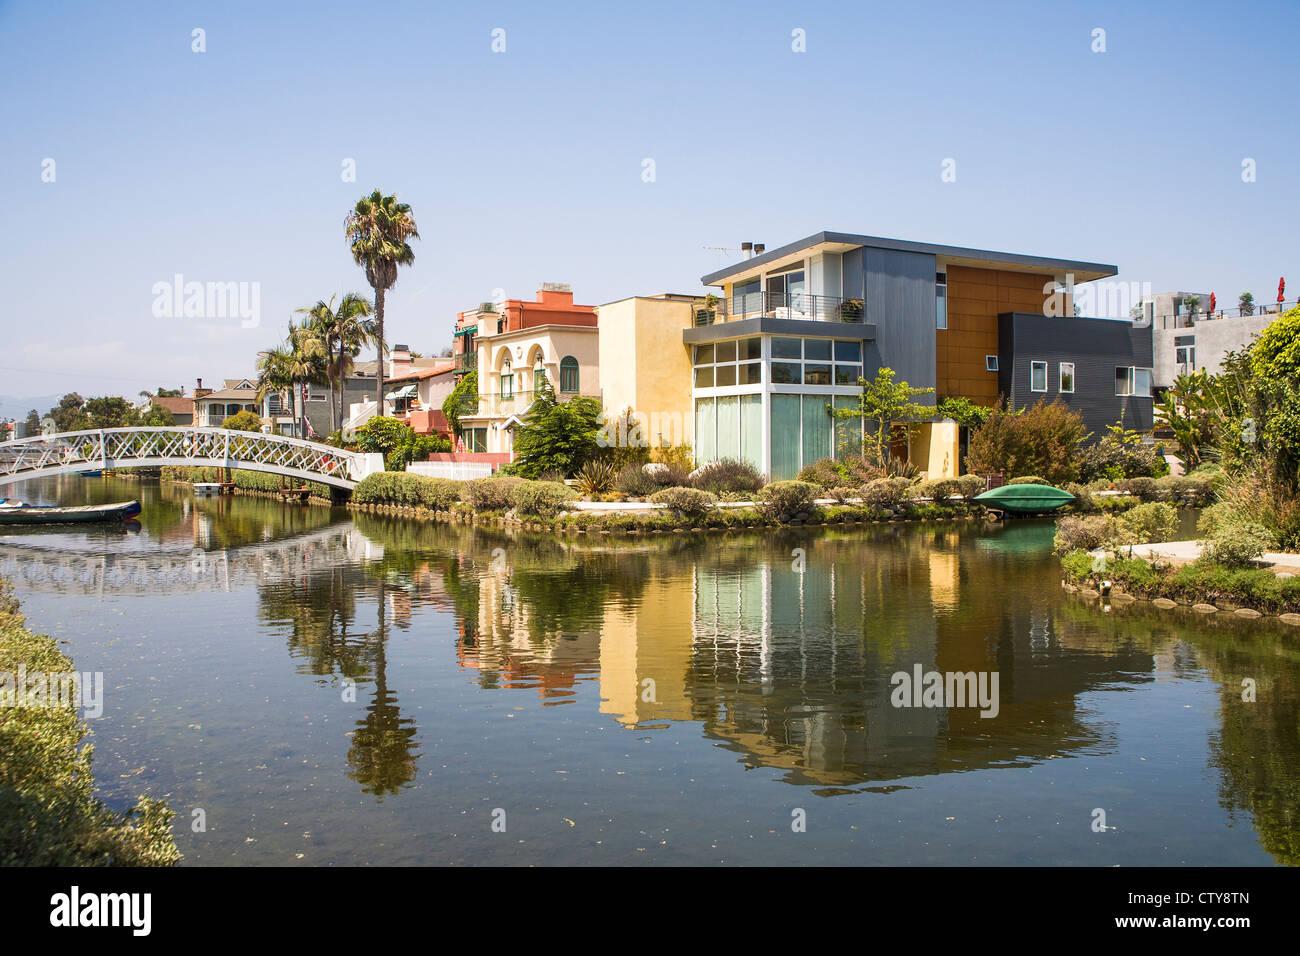 Casas y canal en Venecia, la ciudad de Los Angeles, California, EE.UU. Imagen De Stock